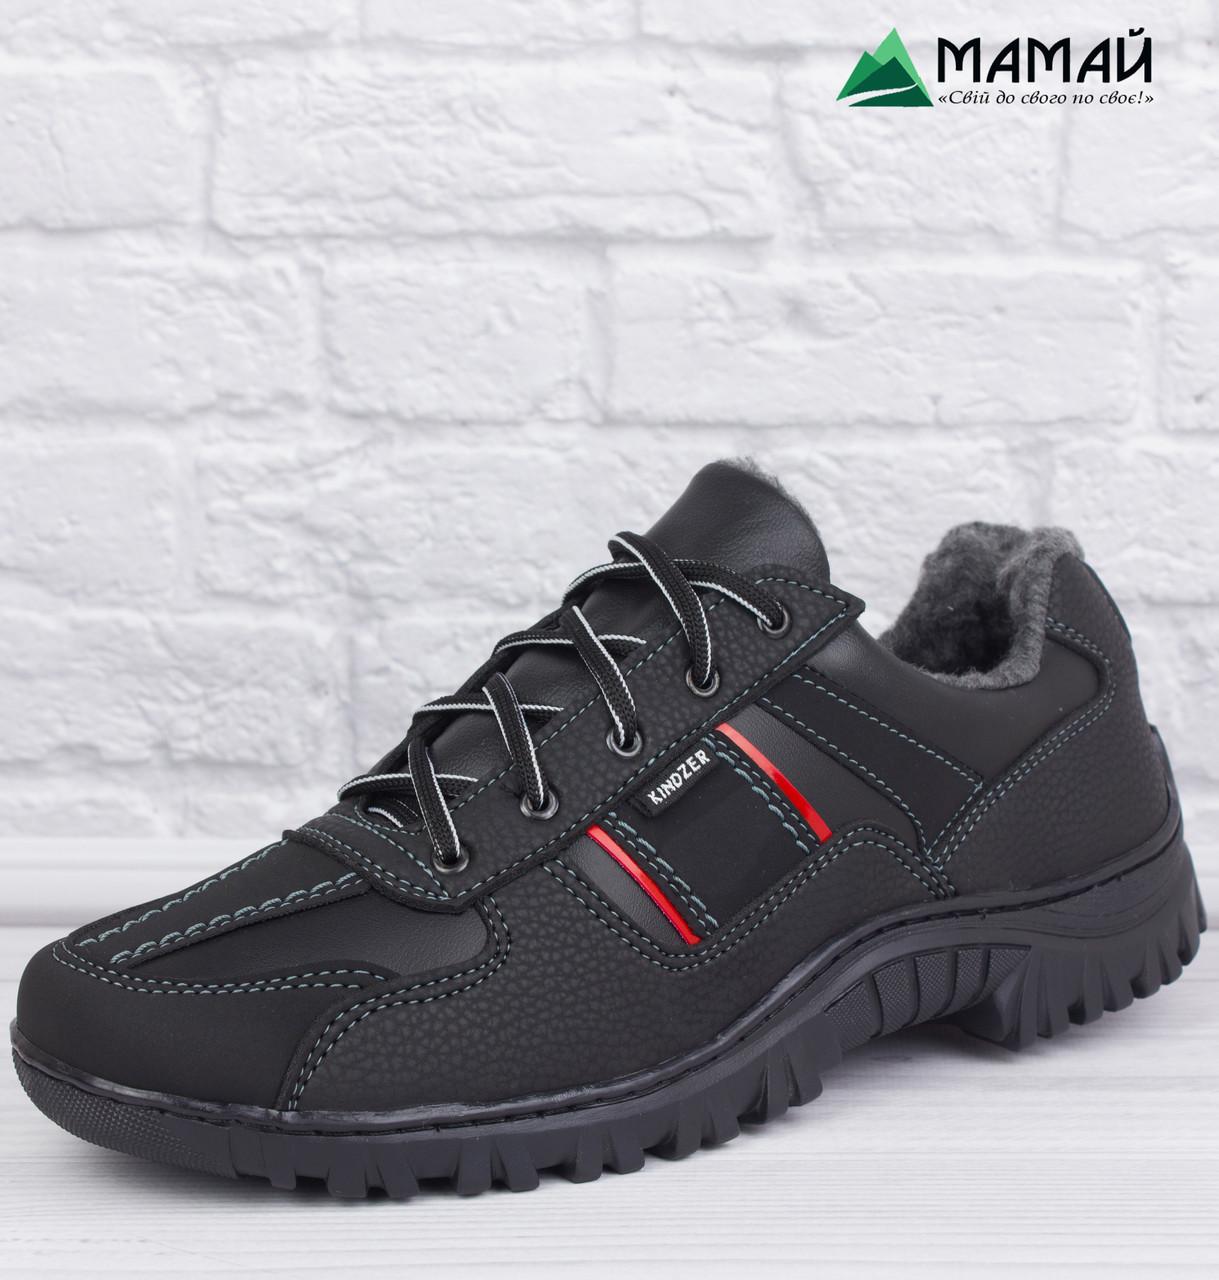 44р Кросівки чоловічі зимові черевики -20 °C